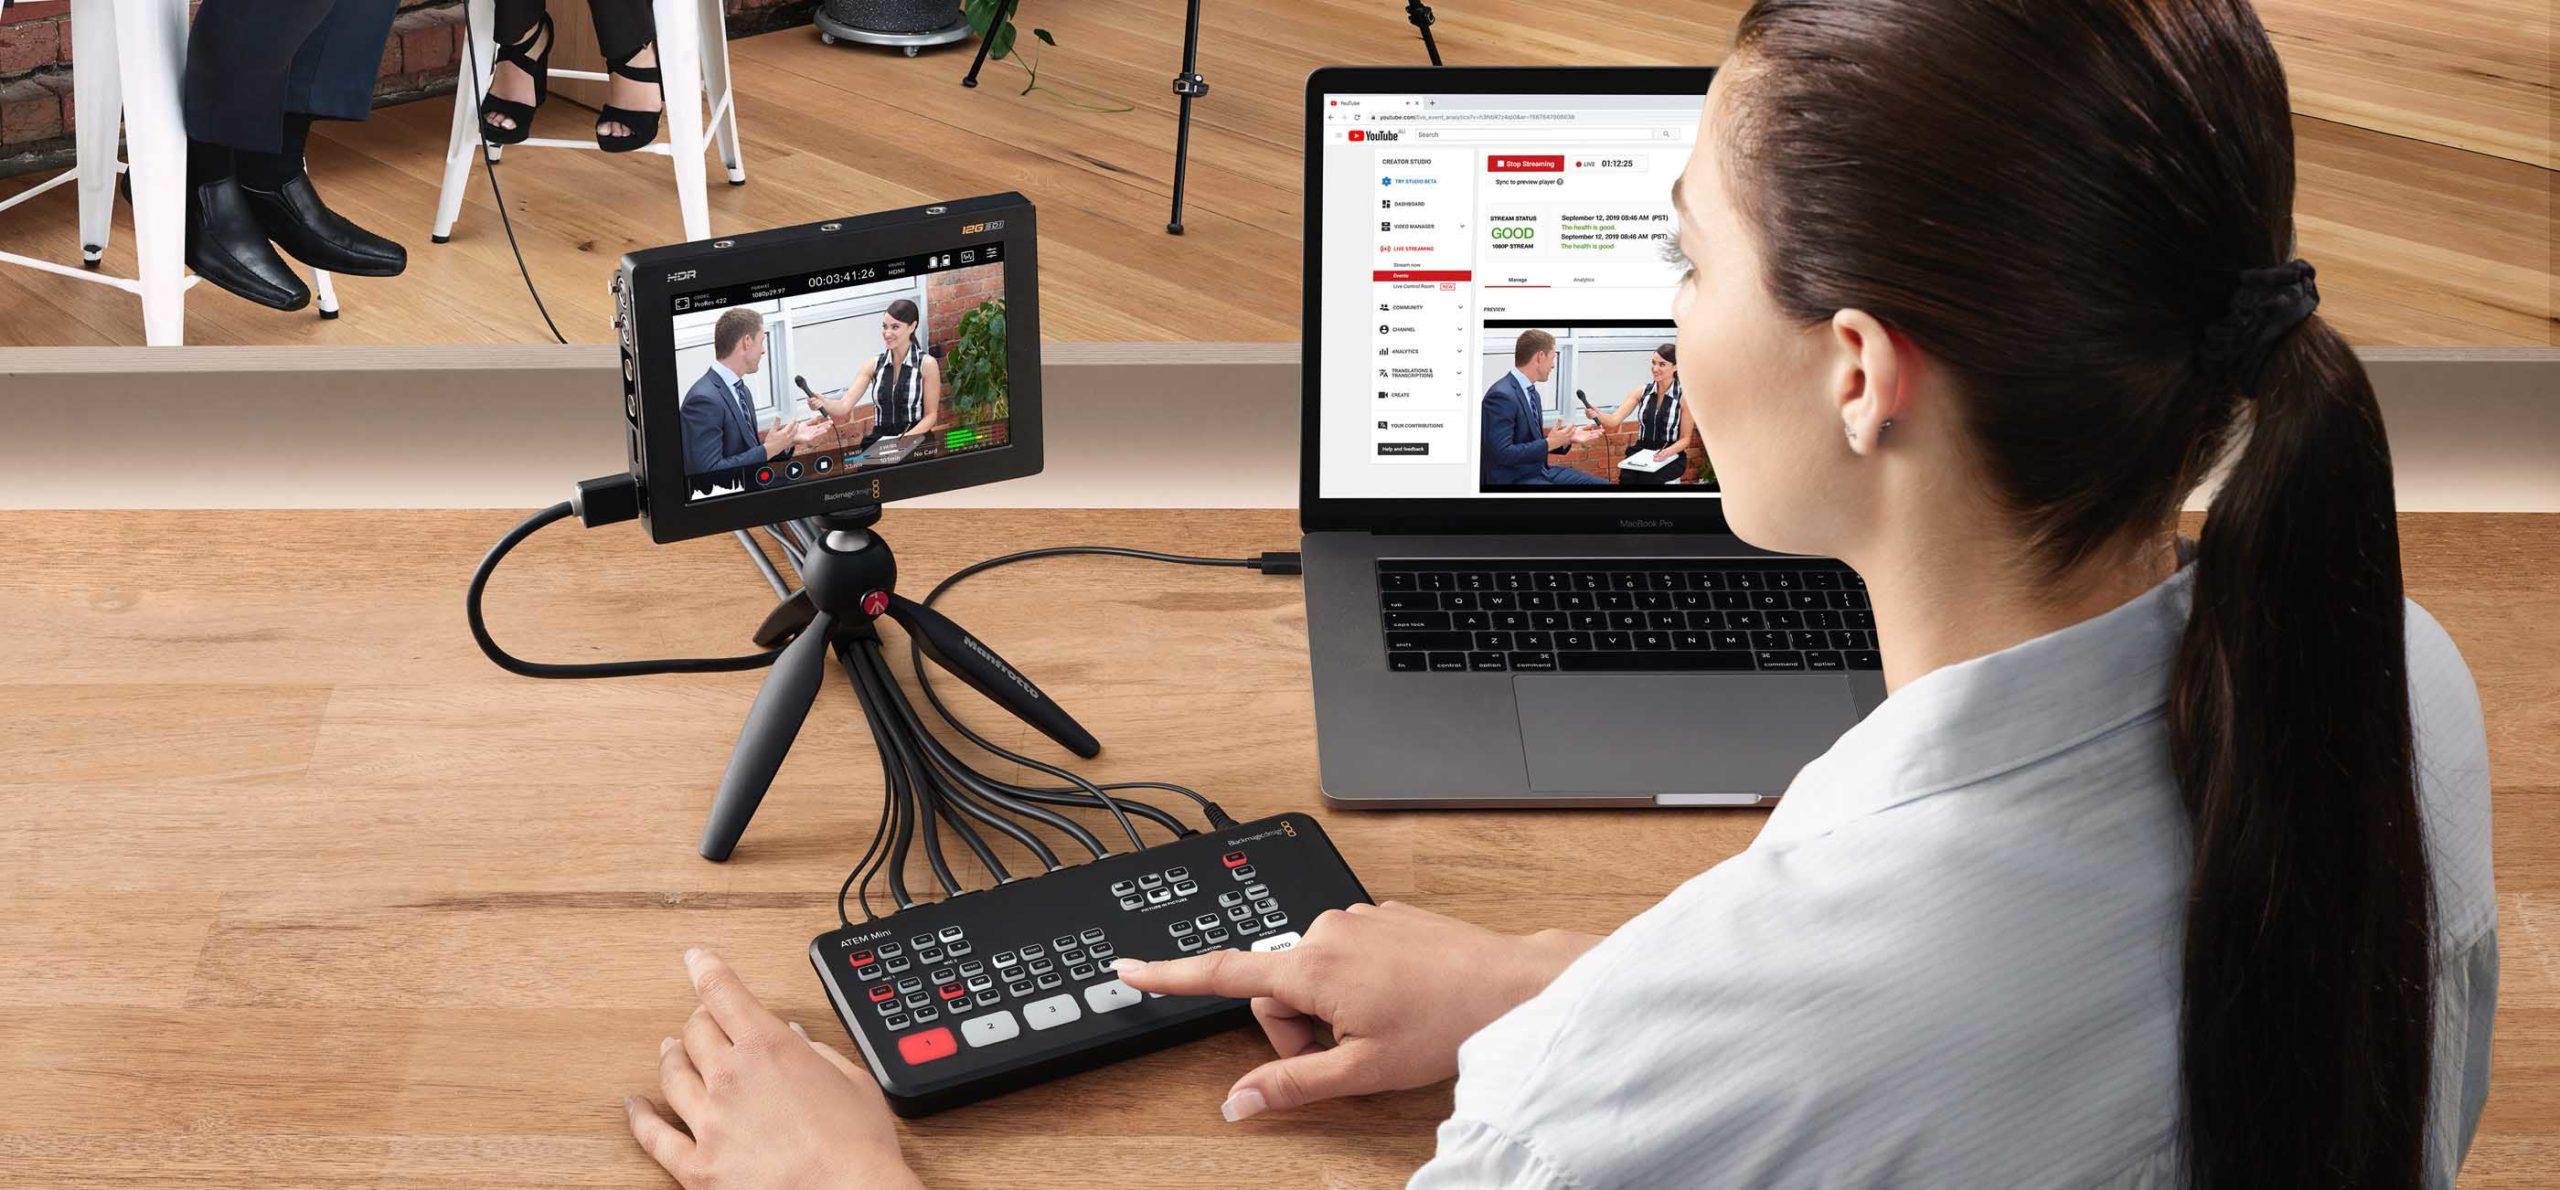 Blackmagic Design ATEM Mini Pro è un nuovo switcher economico per produzioni live